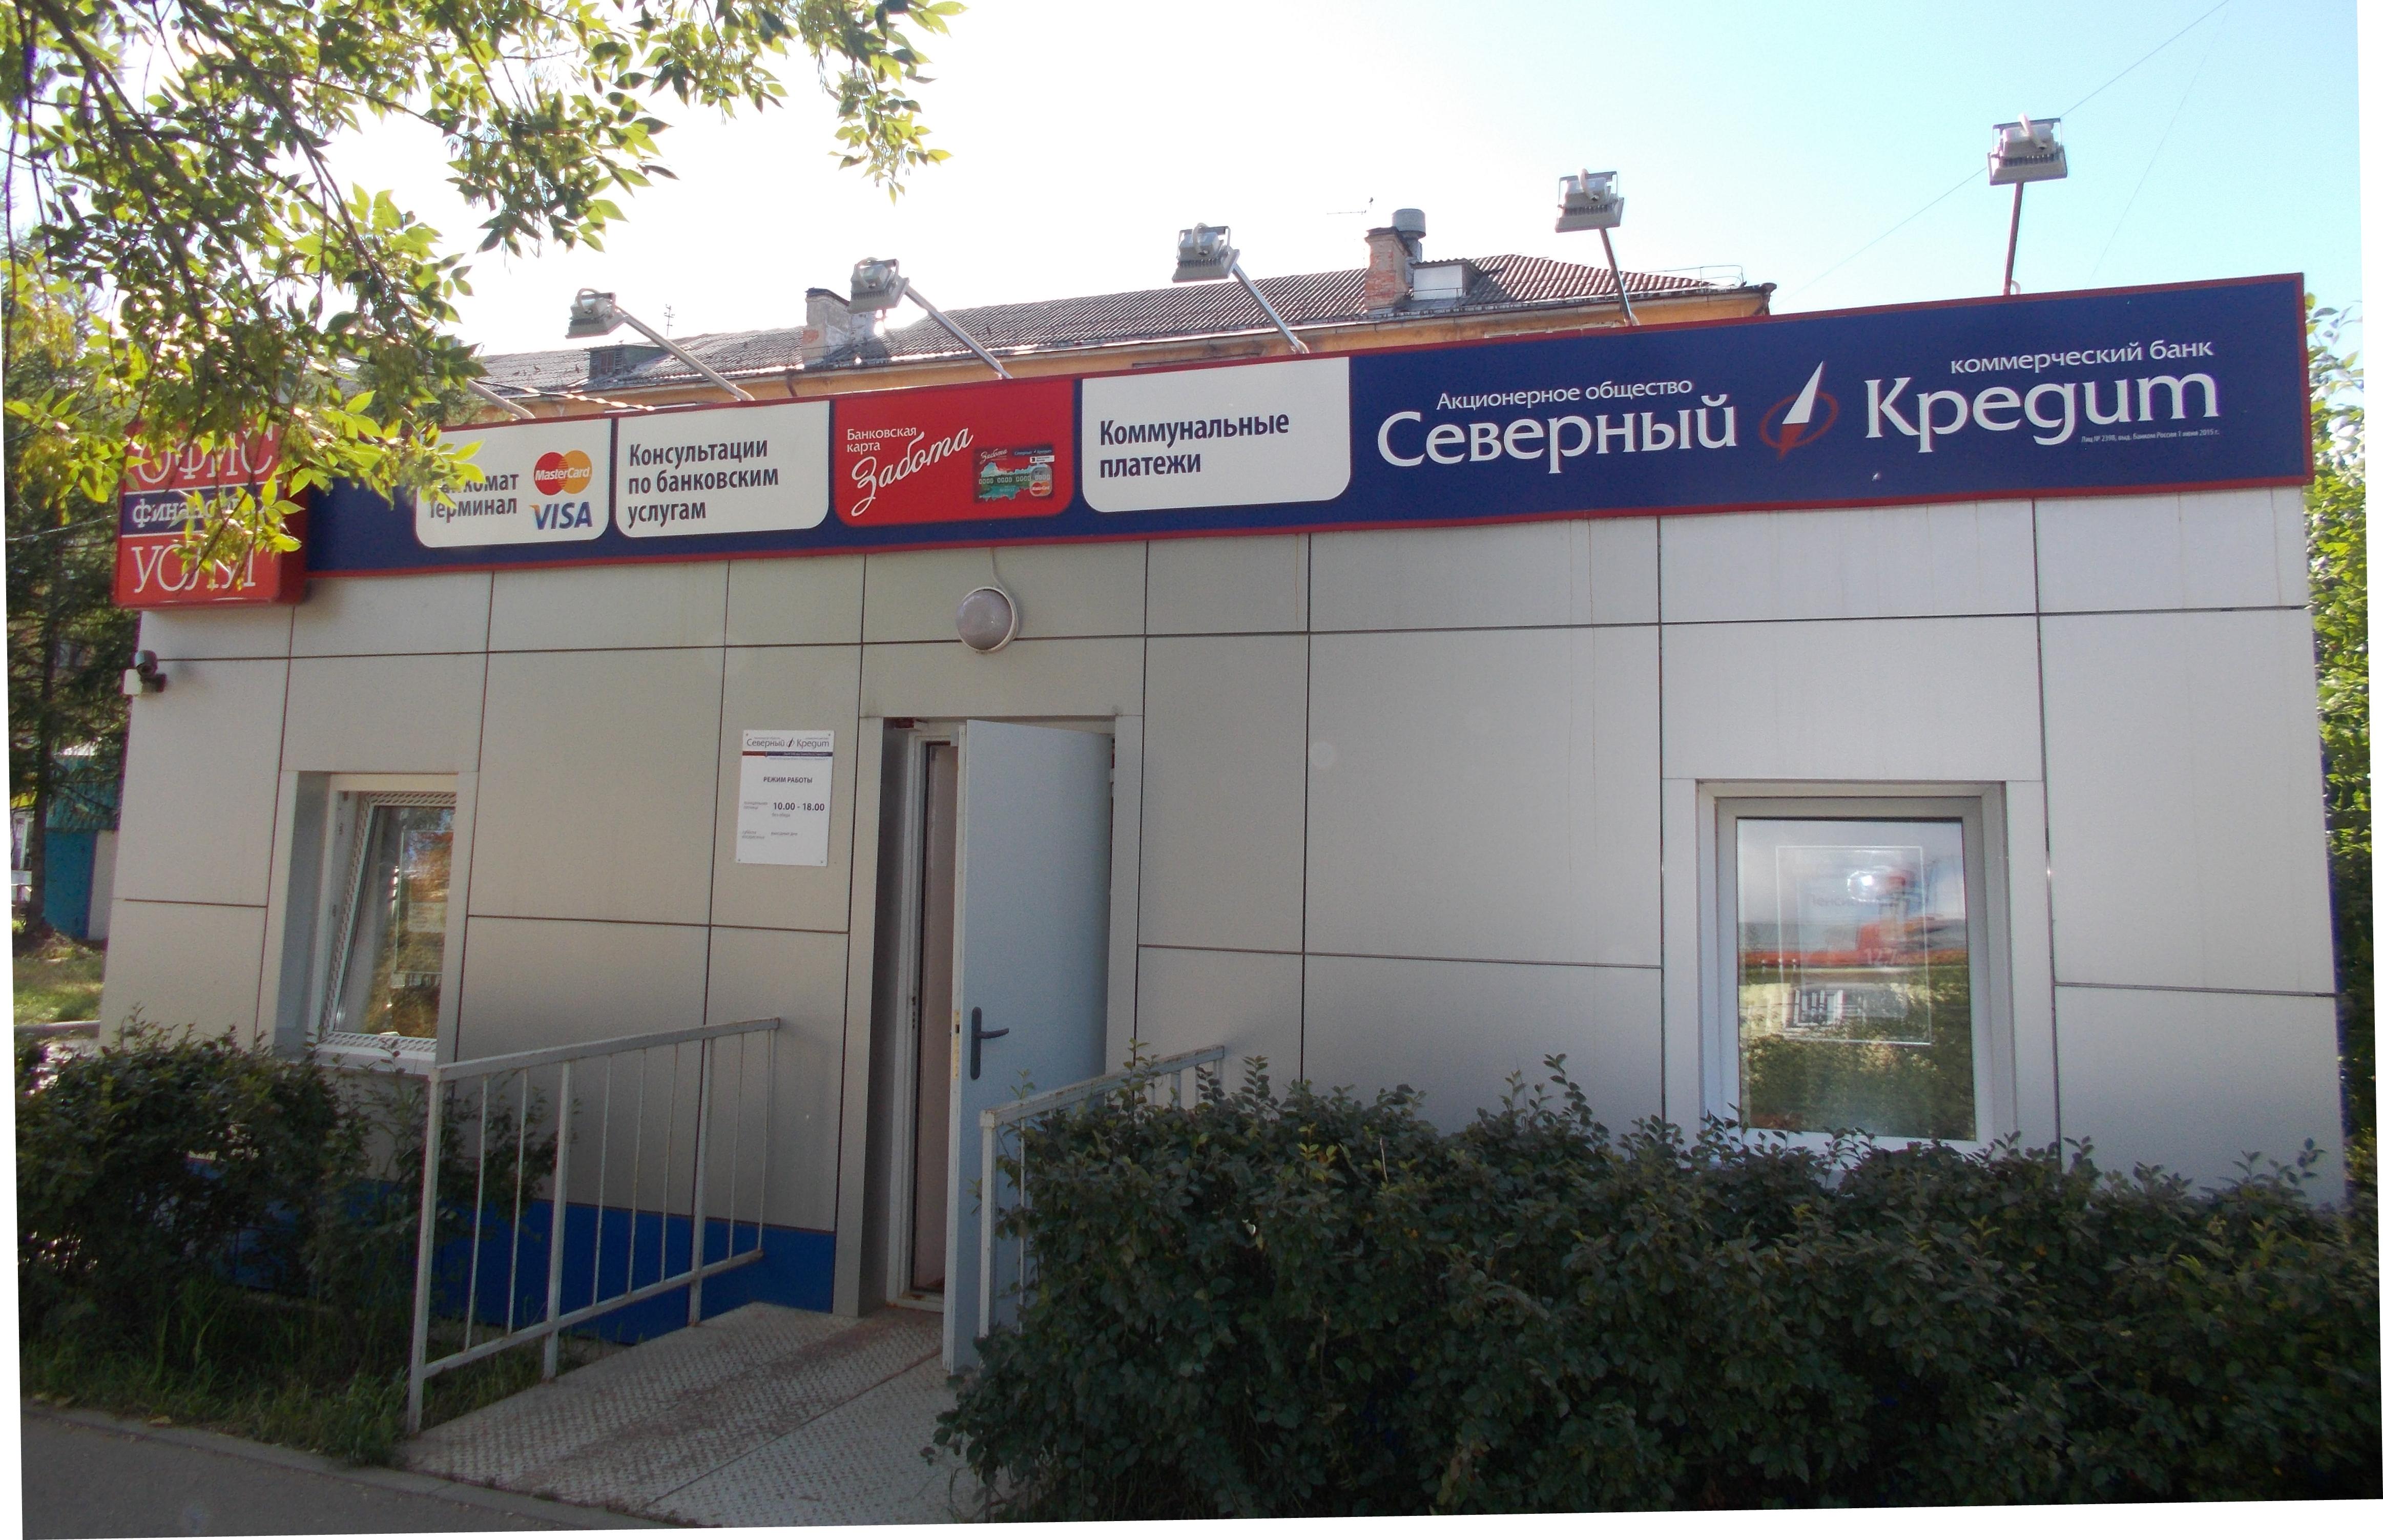 Новые точки оплаты коммунальных услуг без комиссии появились в Вологде